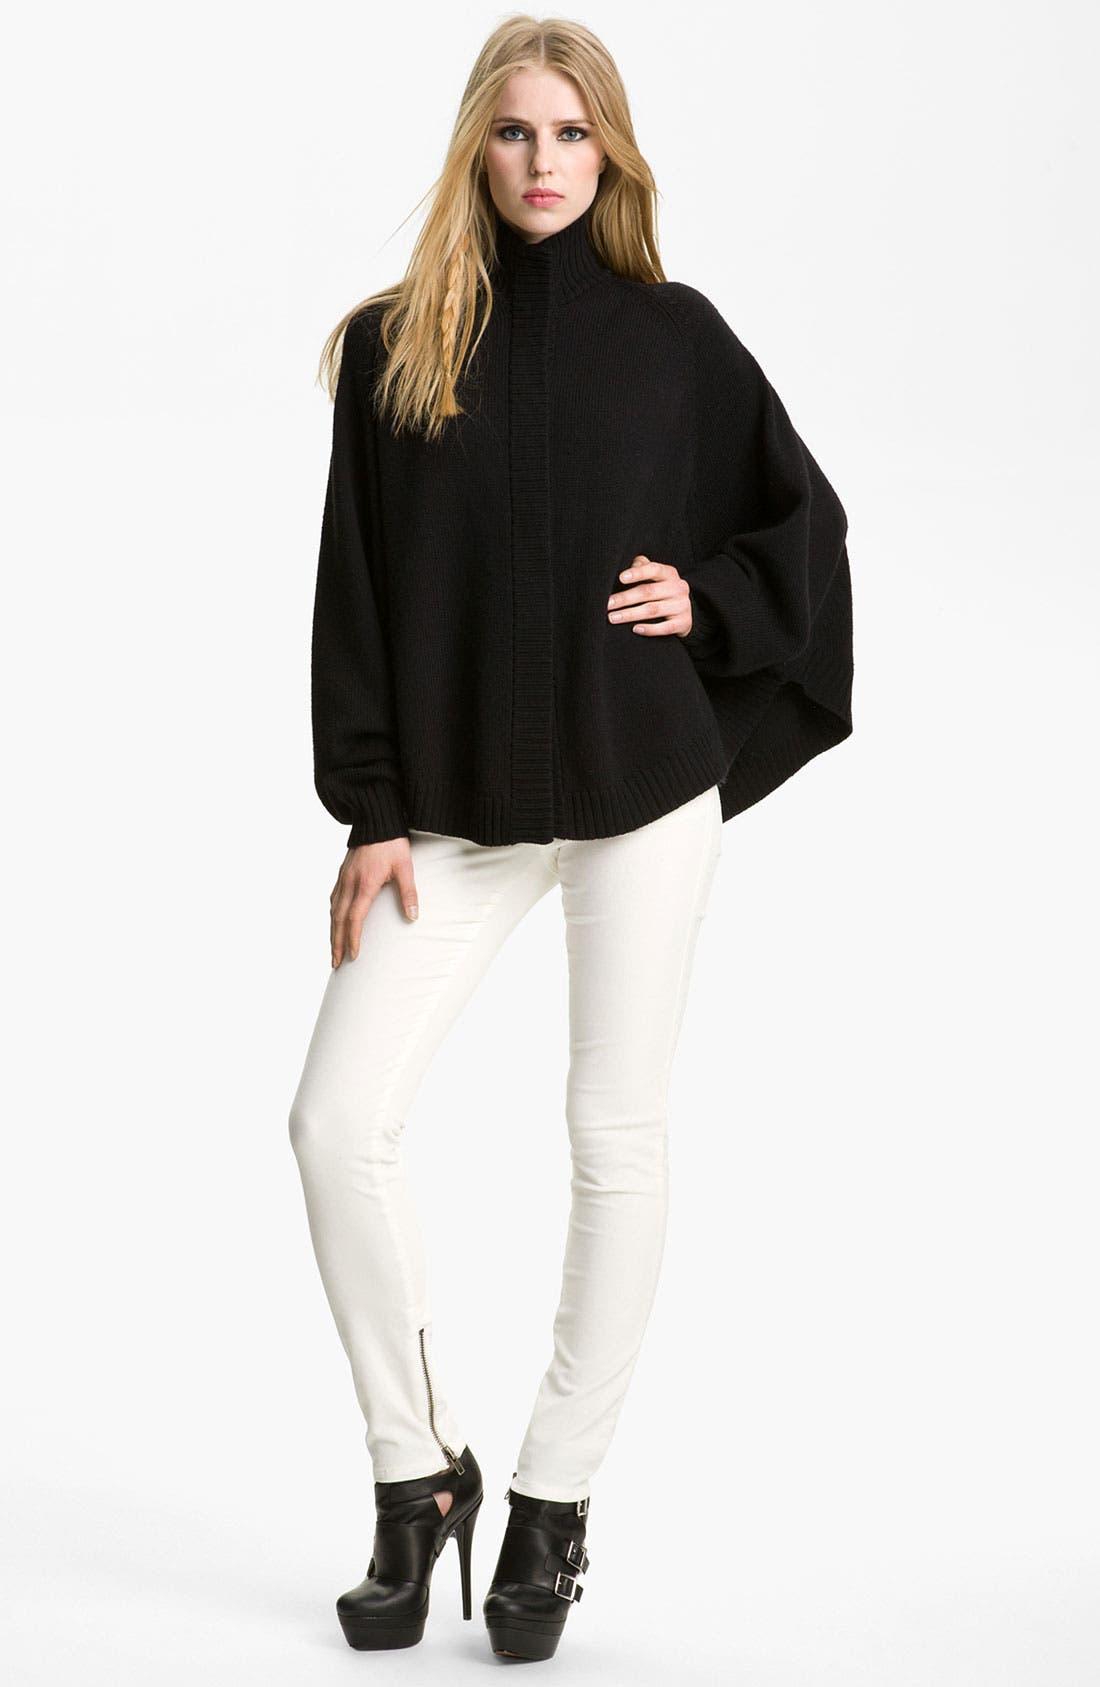 Main Image - Rachel Zoe 'Nina' Merino Wool Sweater Cape